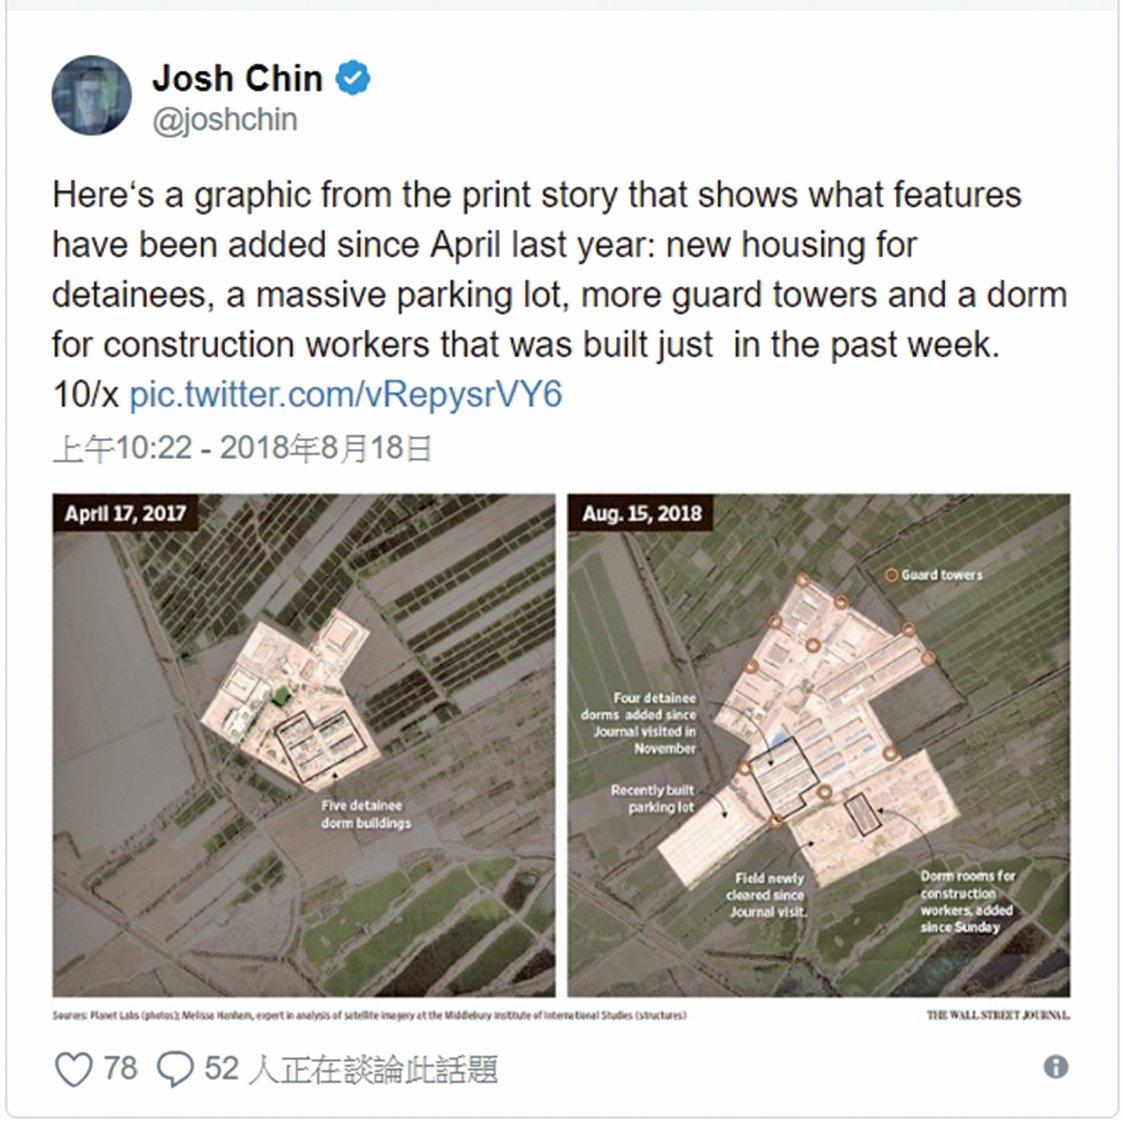 █衛星照片顯示新疆「再教育營」不斷擴大。(翻攝《華日》記者Josh Chin推特)